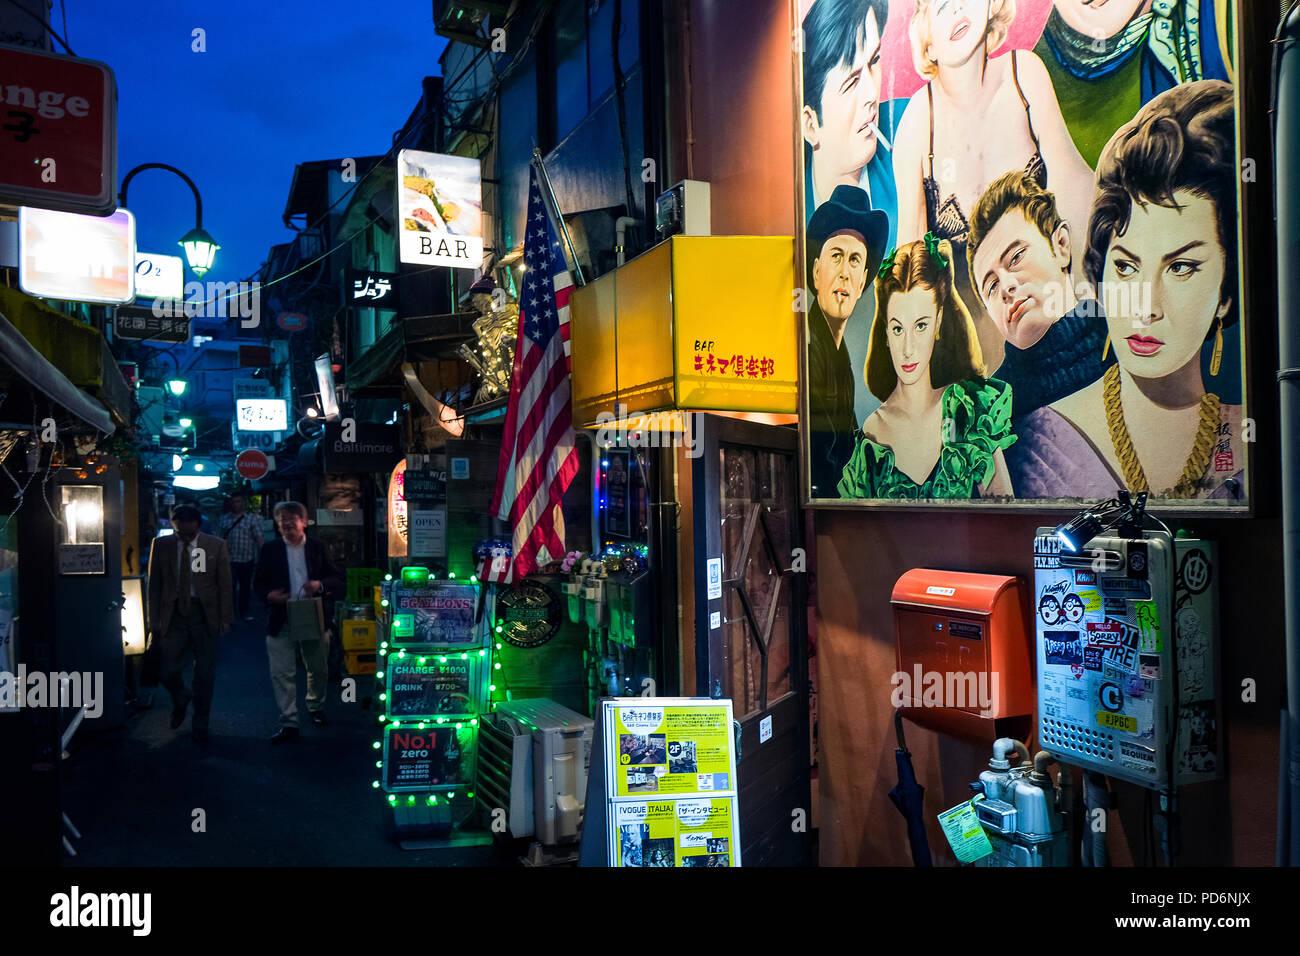 Japan, Insel Honshu, Kanto, Tokio, die Golden Gai Bezirk. Stockbild